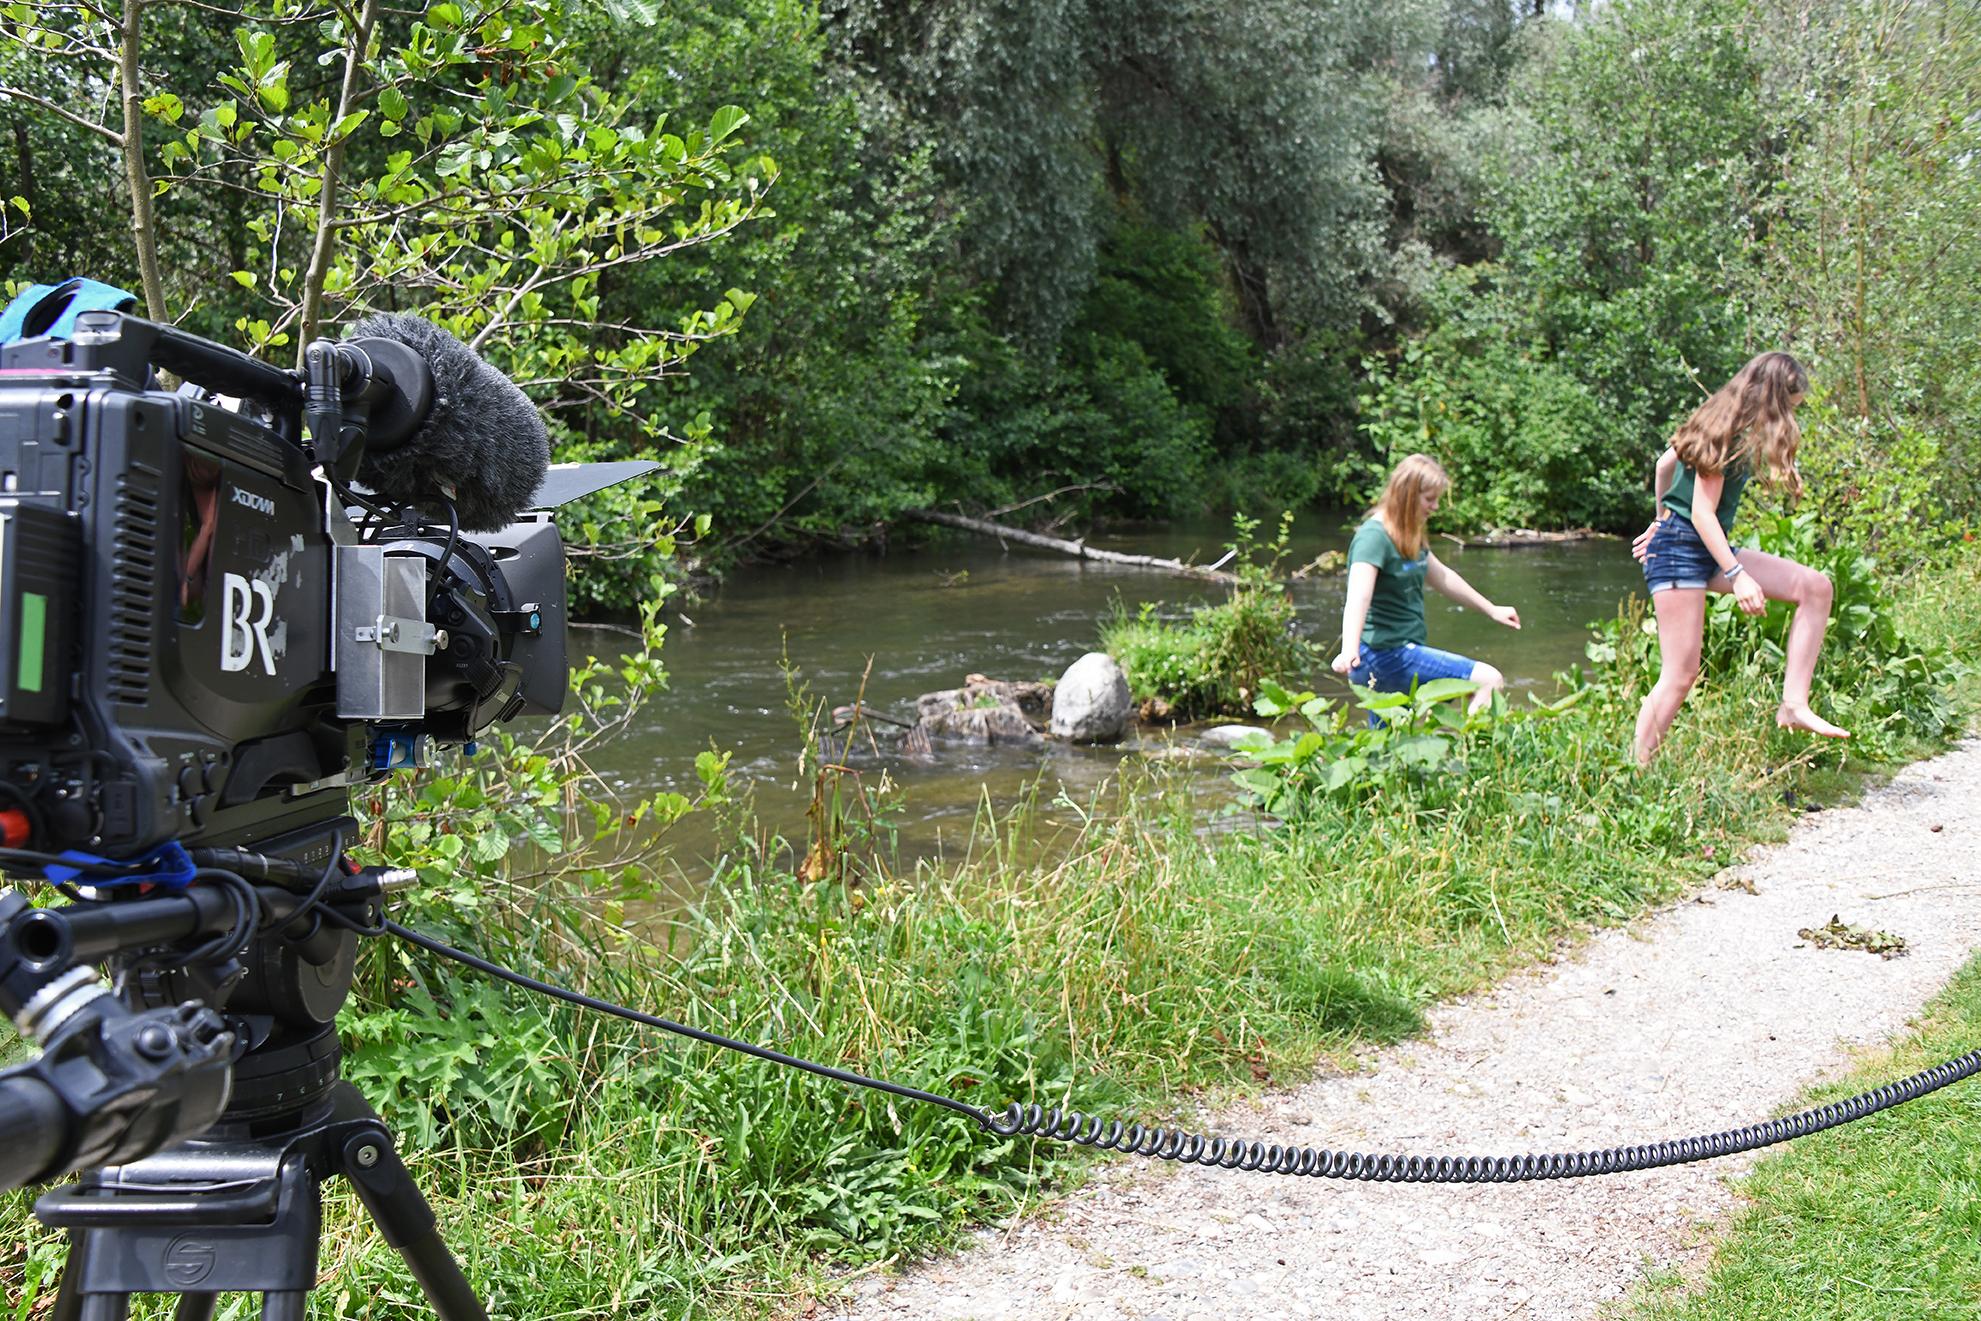 Das Bayerische Fernsehen interessiert sich anlässlich Jane Goodalls Vortrag in München für die Würmranger.